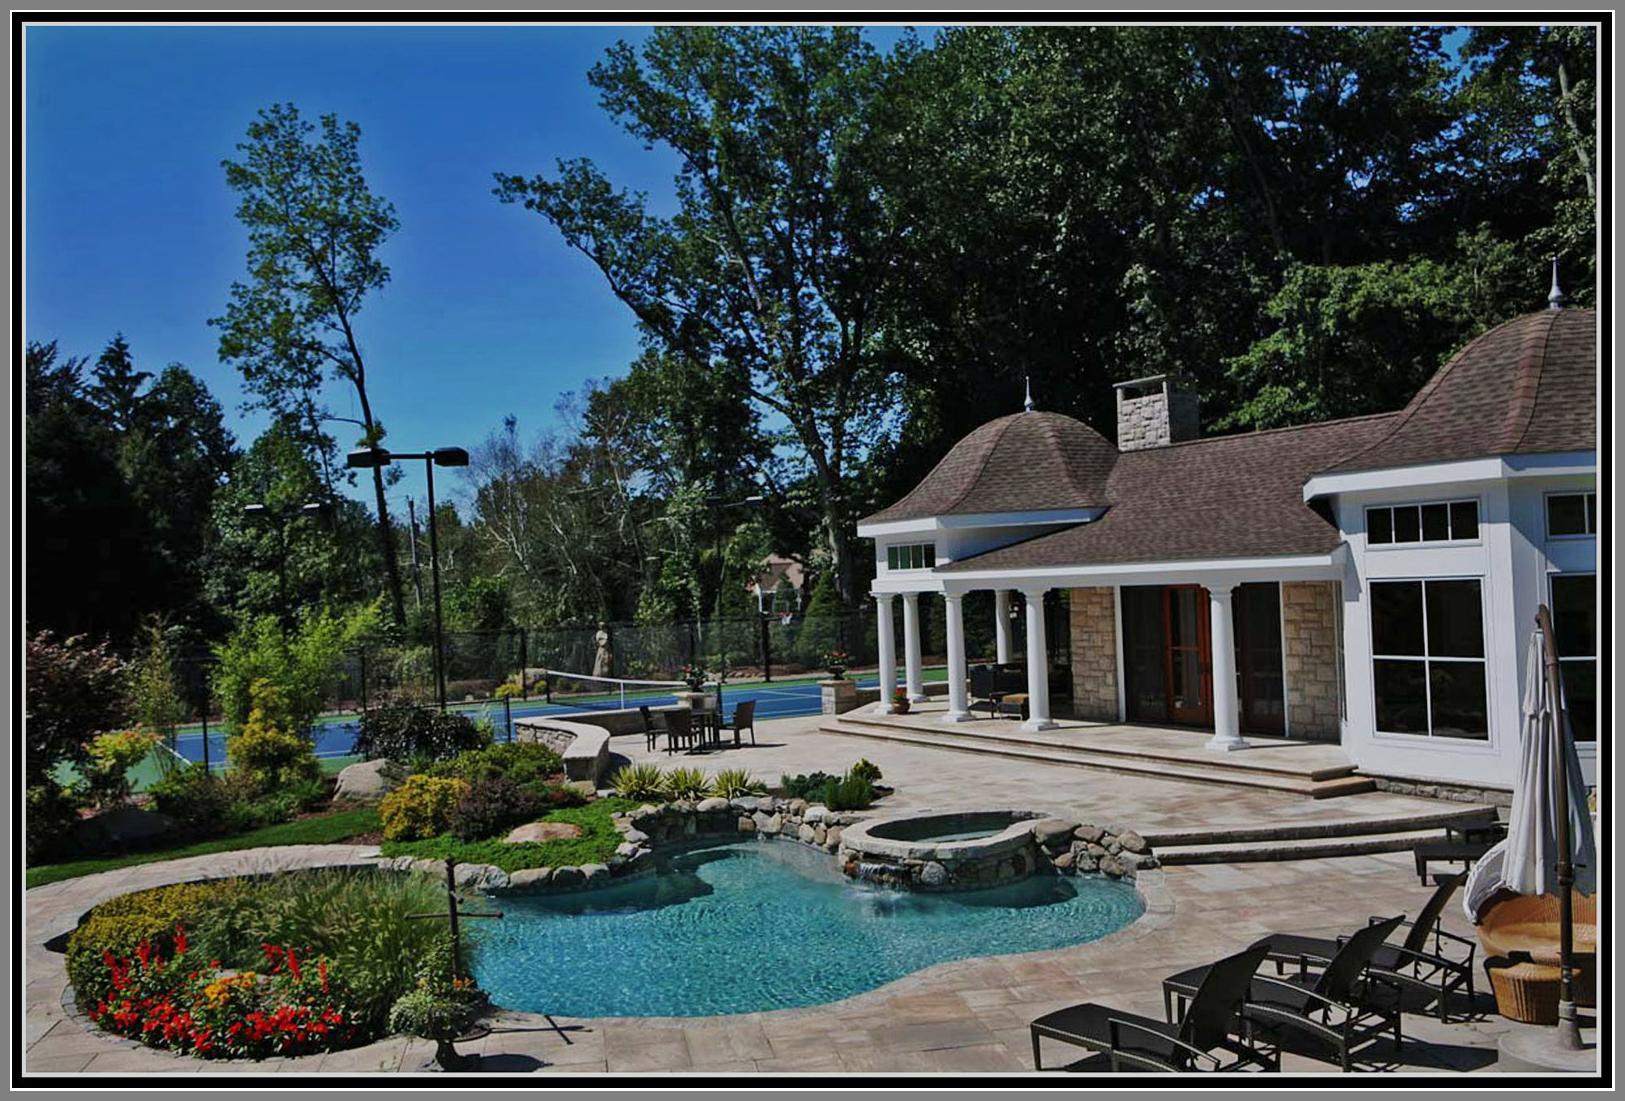 Swimming pool, granite deck and pool house.